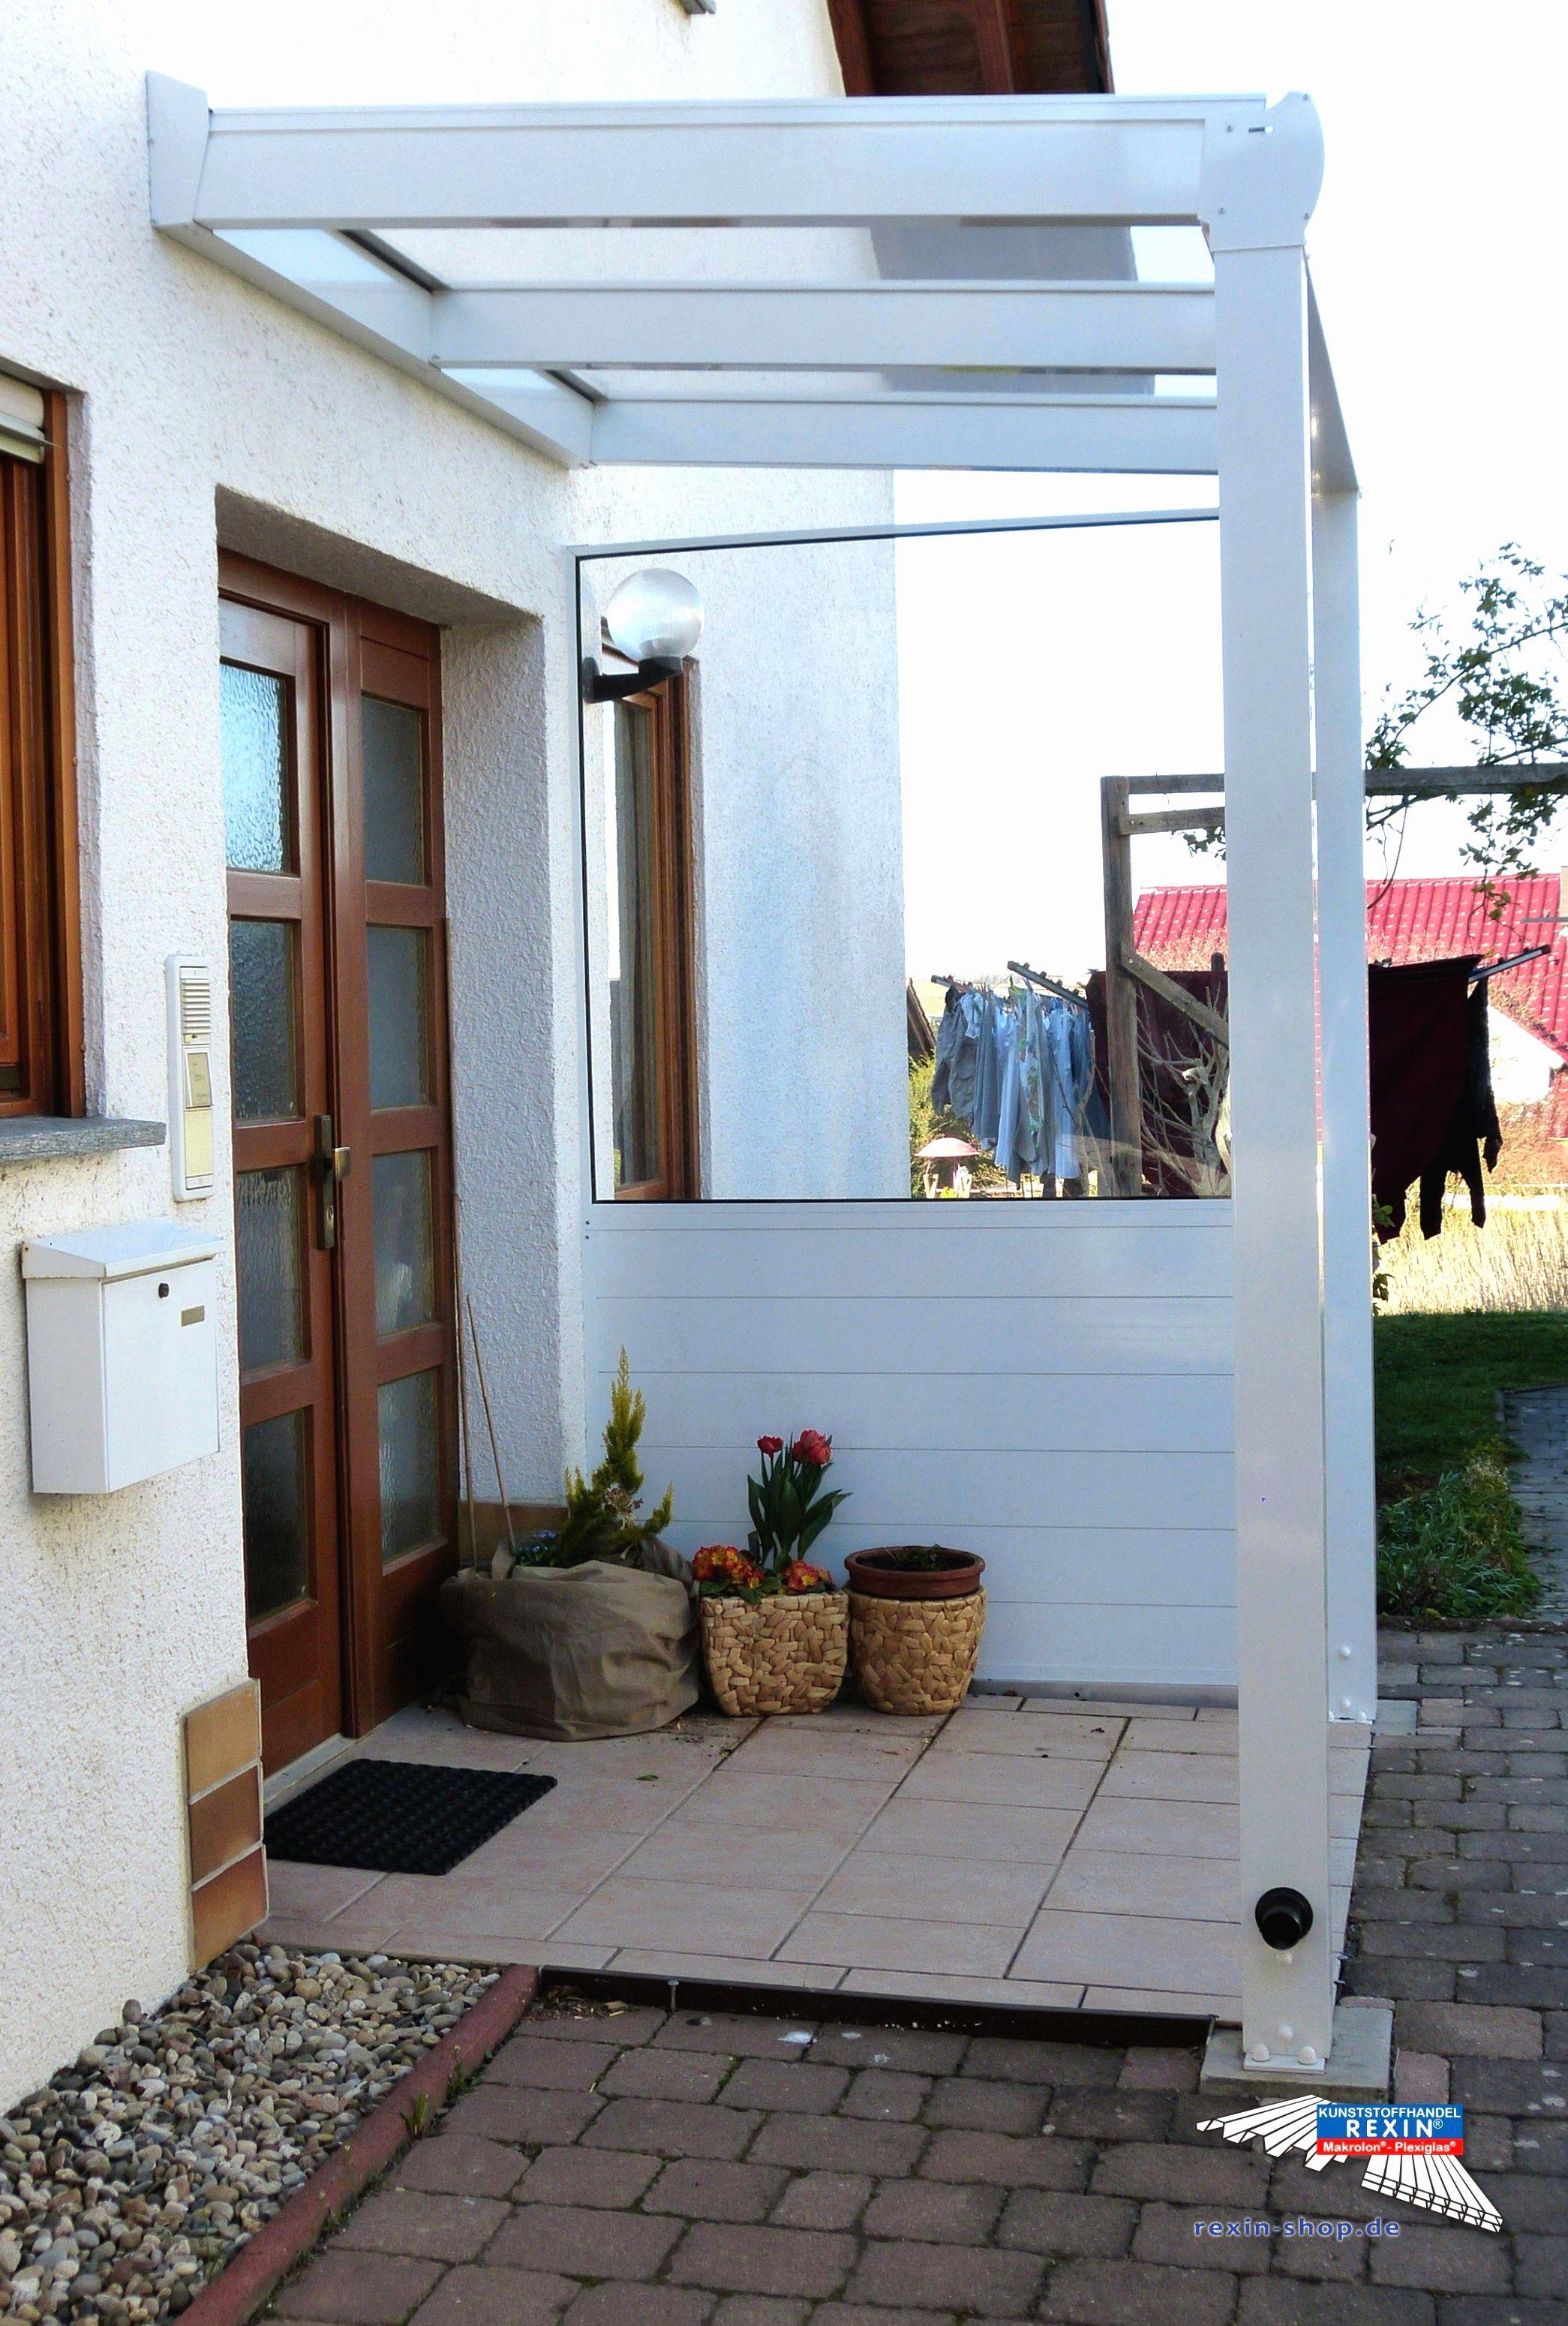 Ideen 45 Für Sichtschutz Ohne Bohren Terrasse Check more